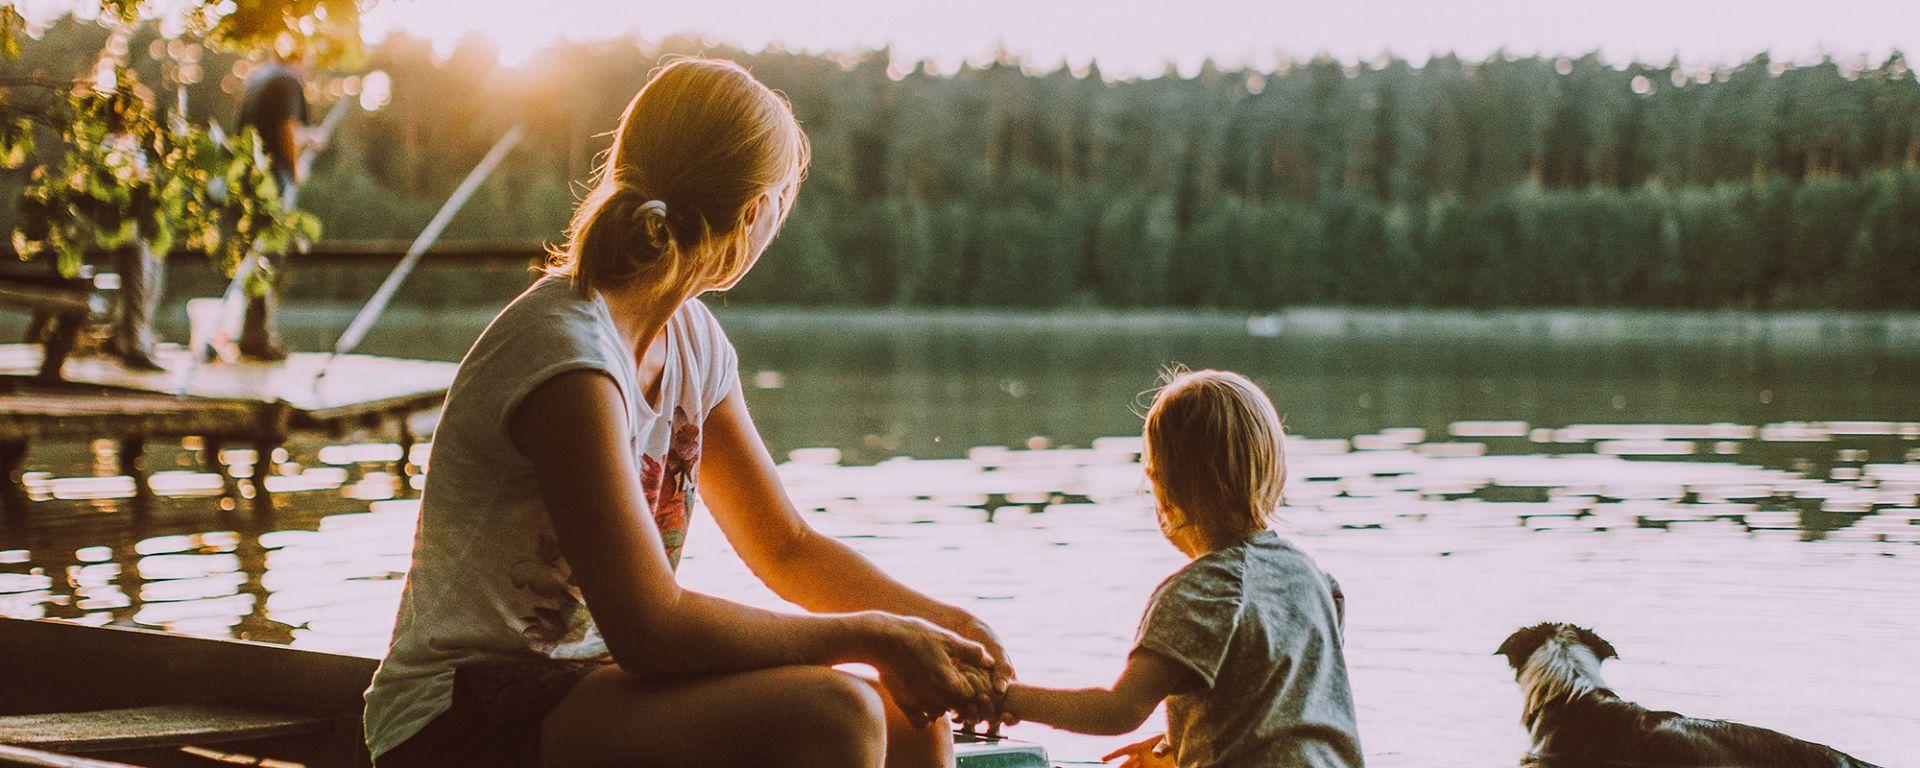 Nainen istuu rannassa soutuveneessä. Hän pitää kiinni pienen lapsen kädestä. Vieressä vedessä seisoo myös koira. Kaikki kolme ovat takaraivot kameraa kohden, he katsovat järvelle, missä aurinko on juuri laskemassa.